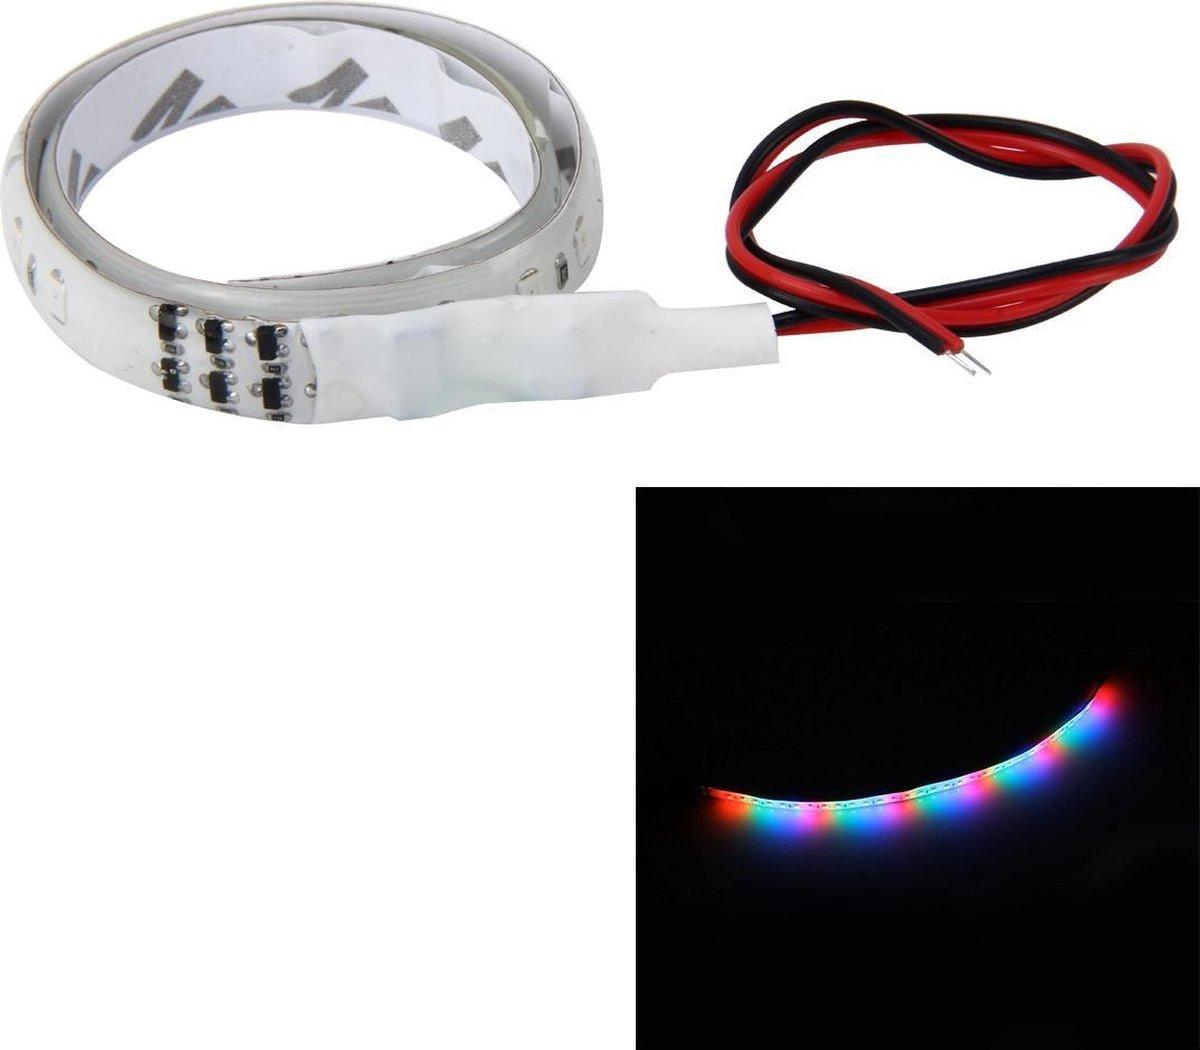 30 cm Kleurrijke Waterstromende Chassis Decoratieve Strip Licht met 32 SMD-2835 LED Lampen voor Auto Motorfiets Elektrische Fiets, DC 12 V